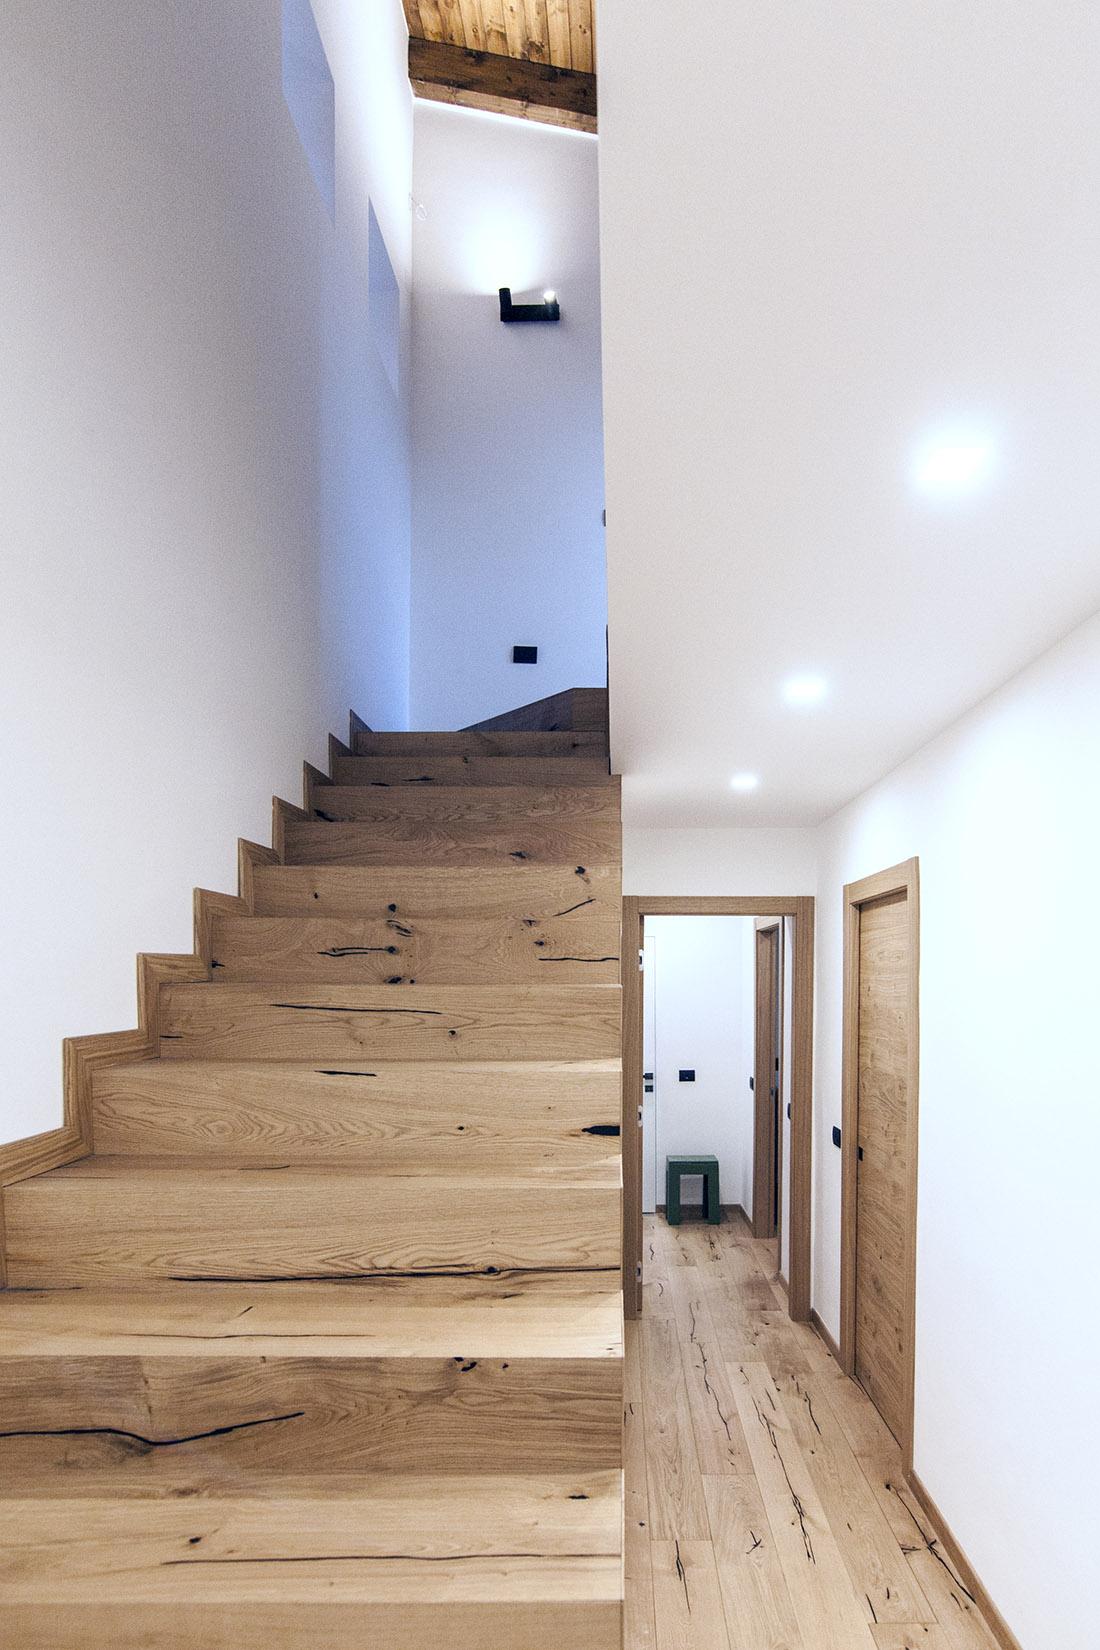 casa-tao-napoli-tufo-a-vista-recupero-moderno-pucciarelli-architetti-scala-legno